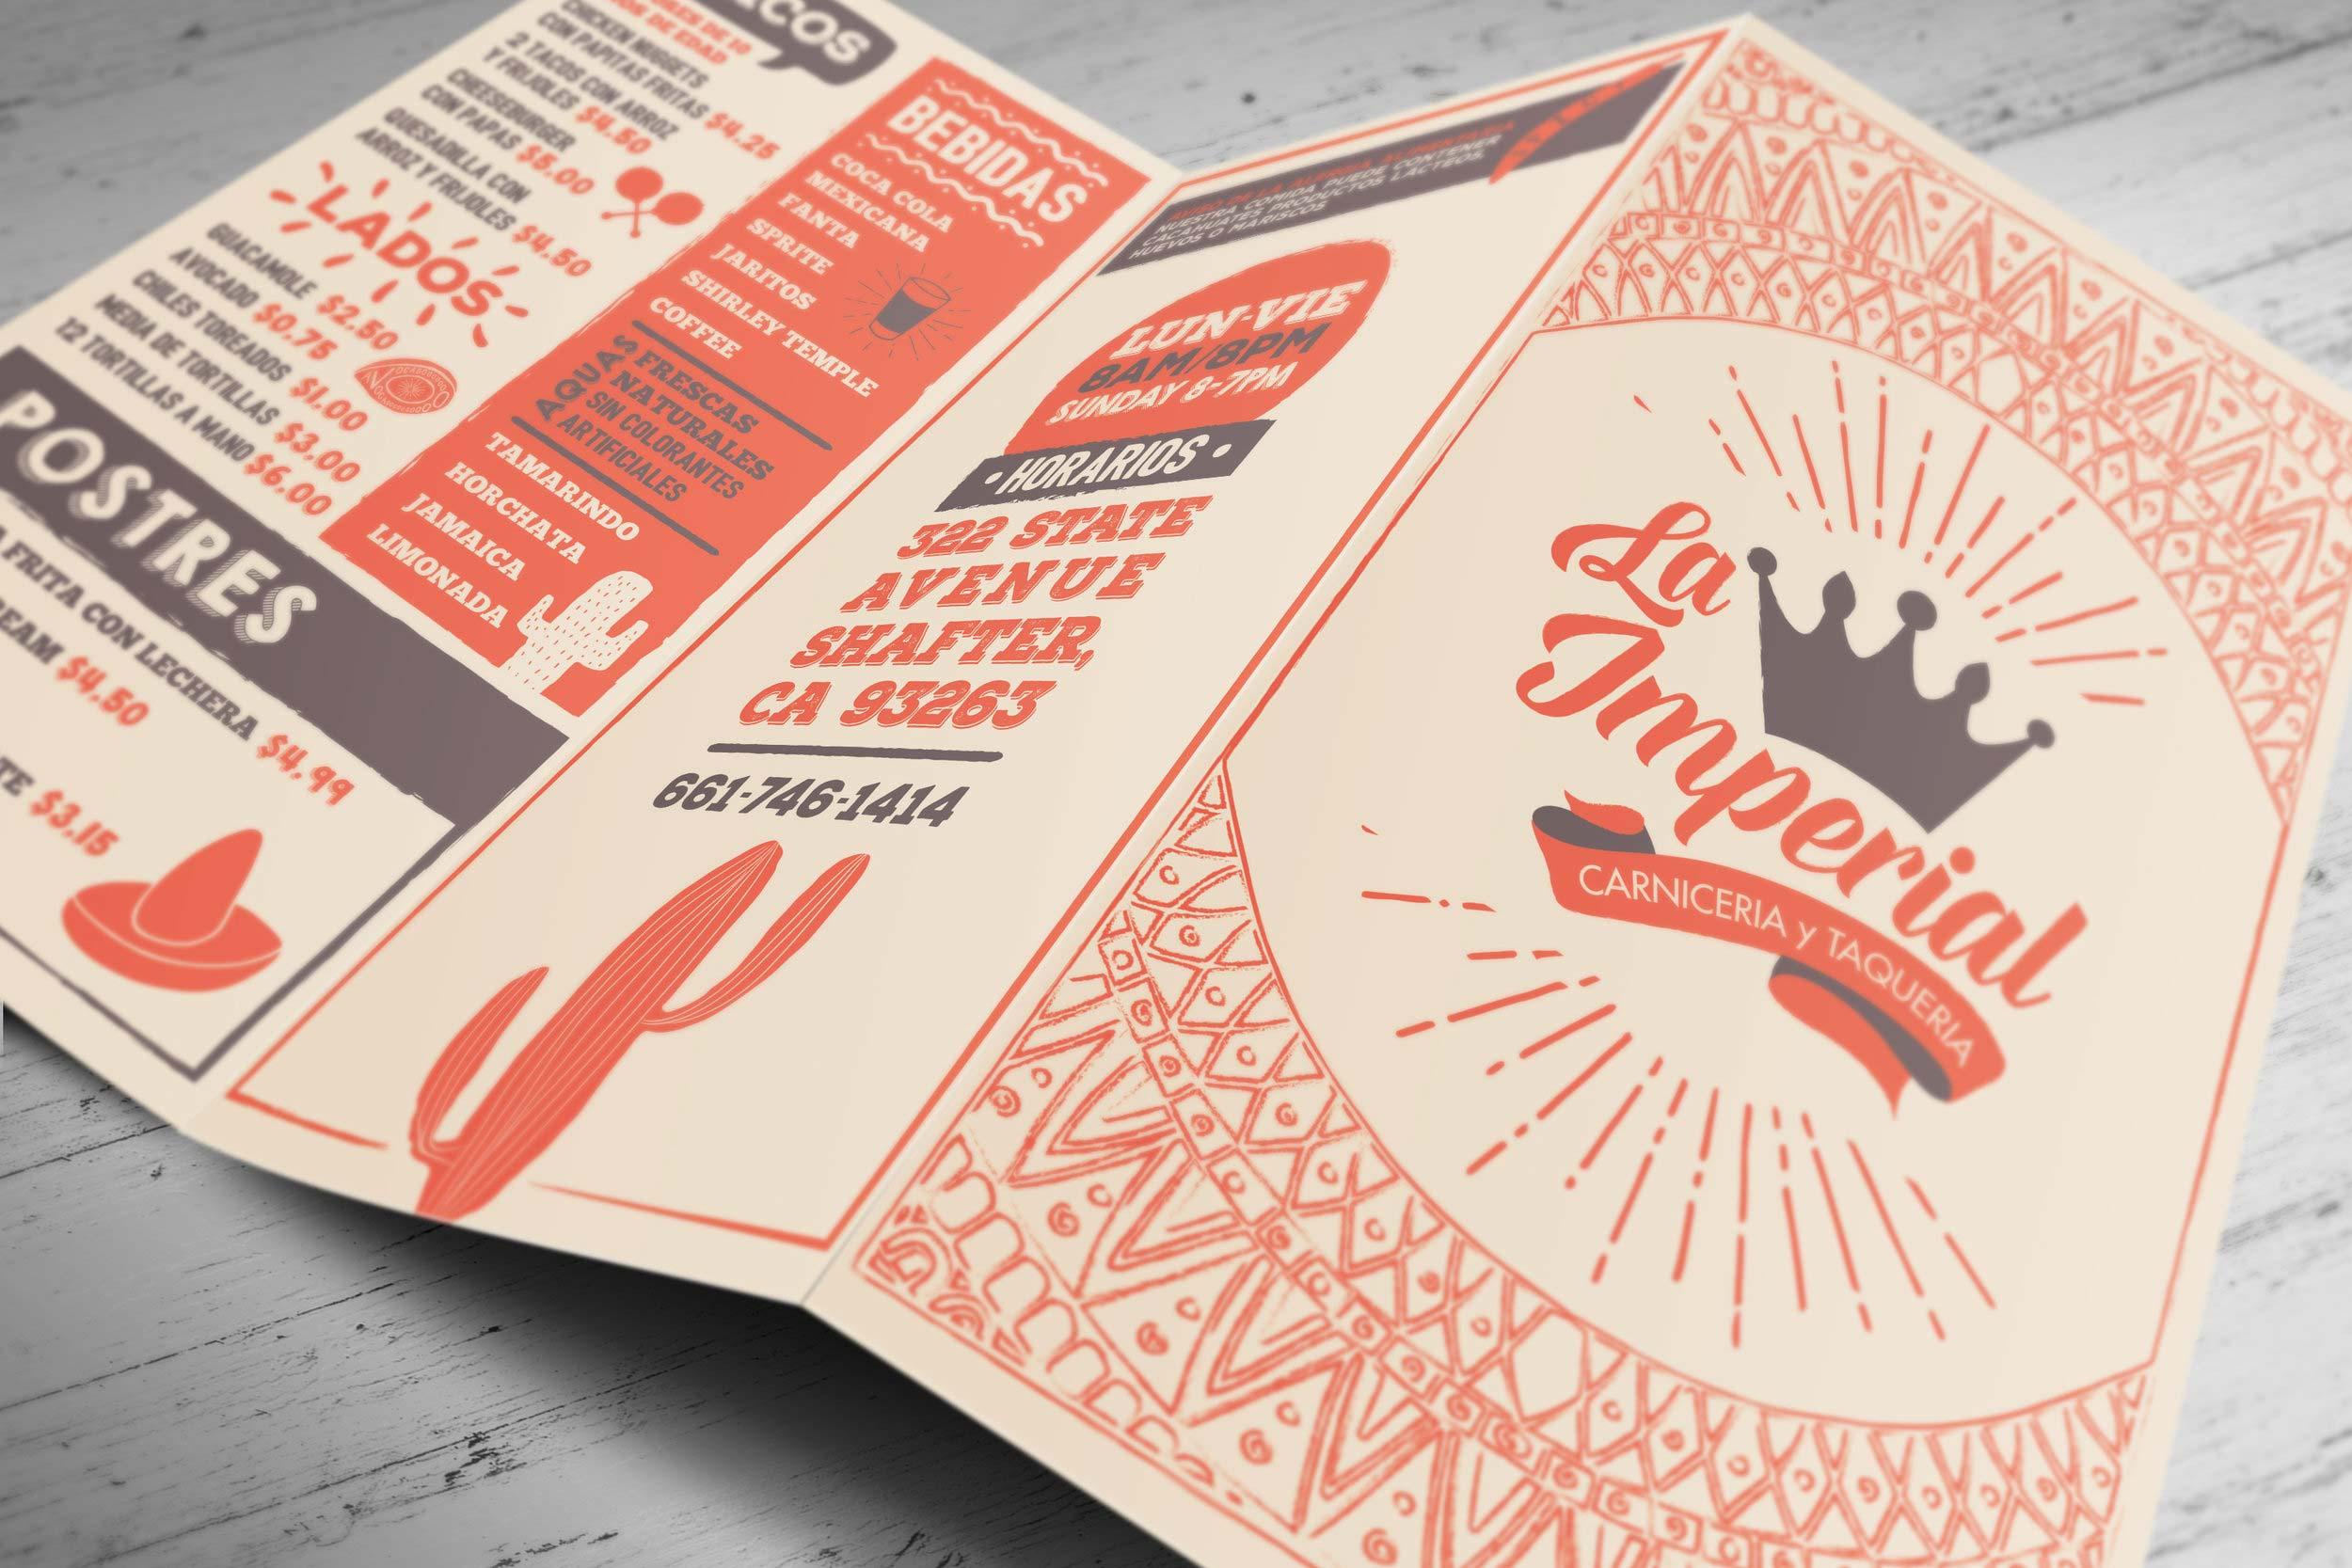 Print Design | La Imperial Brochure